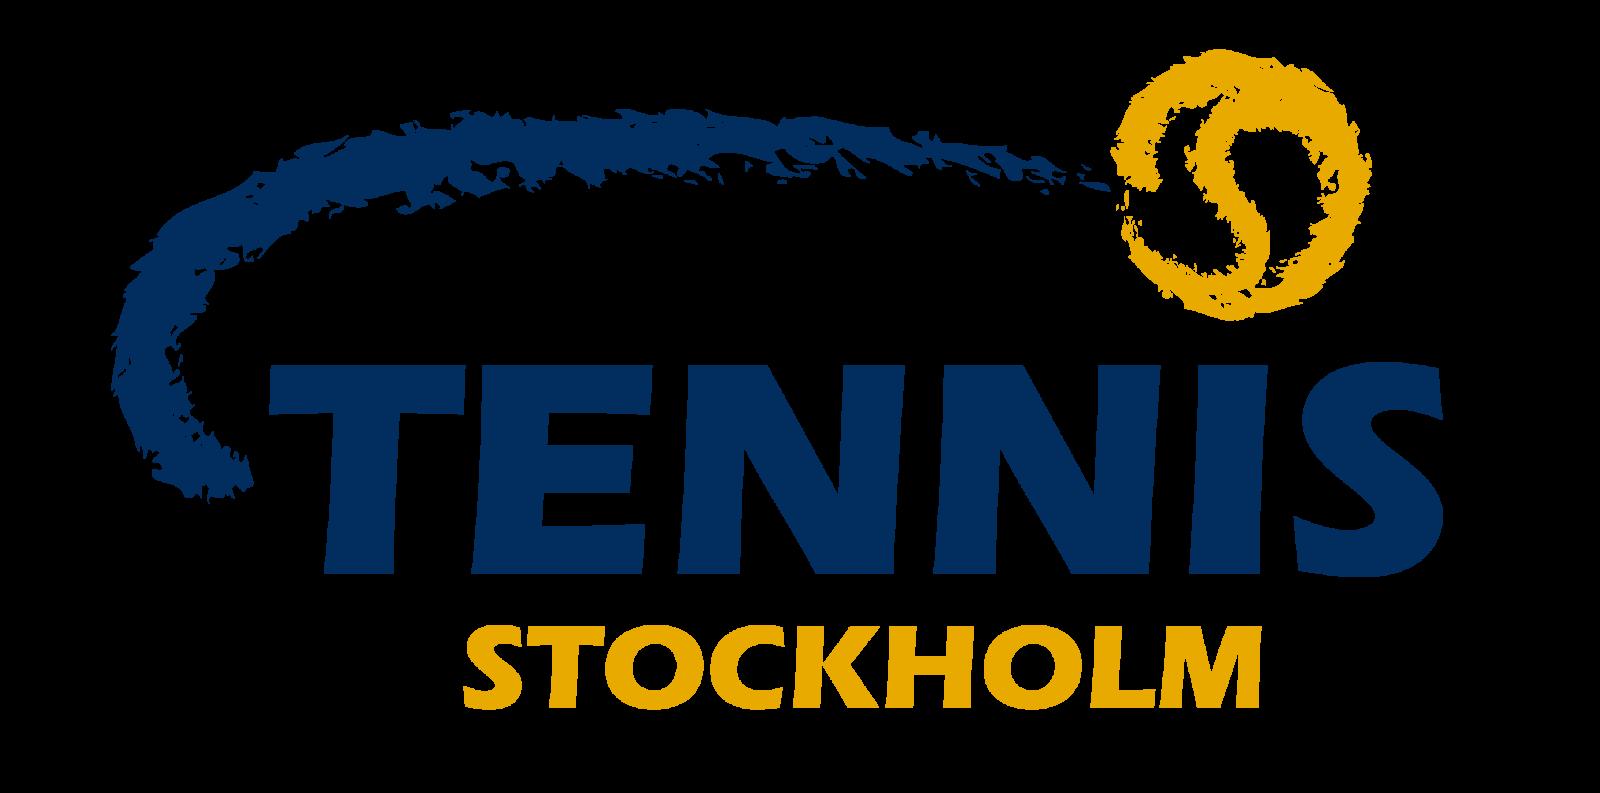 Logotyp för ägarklubben Tennis Stockholm